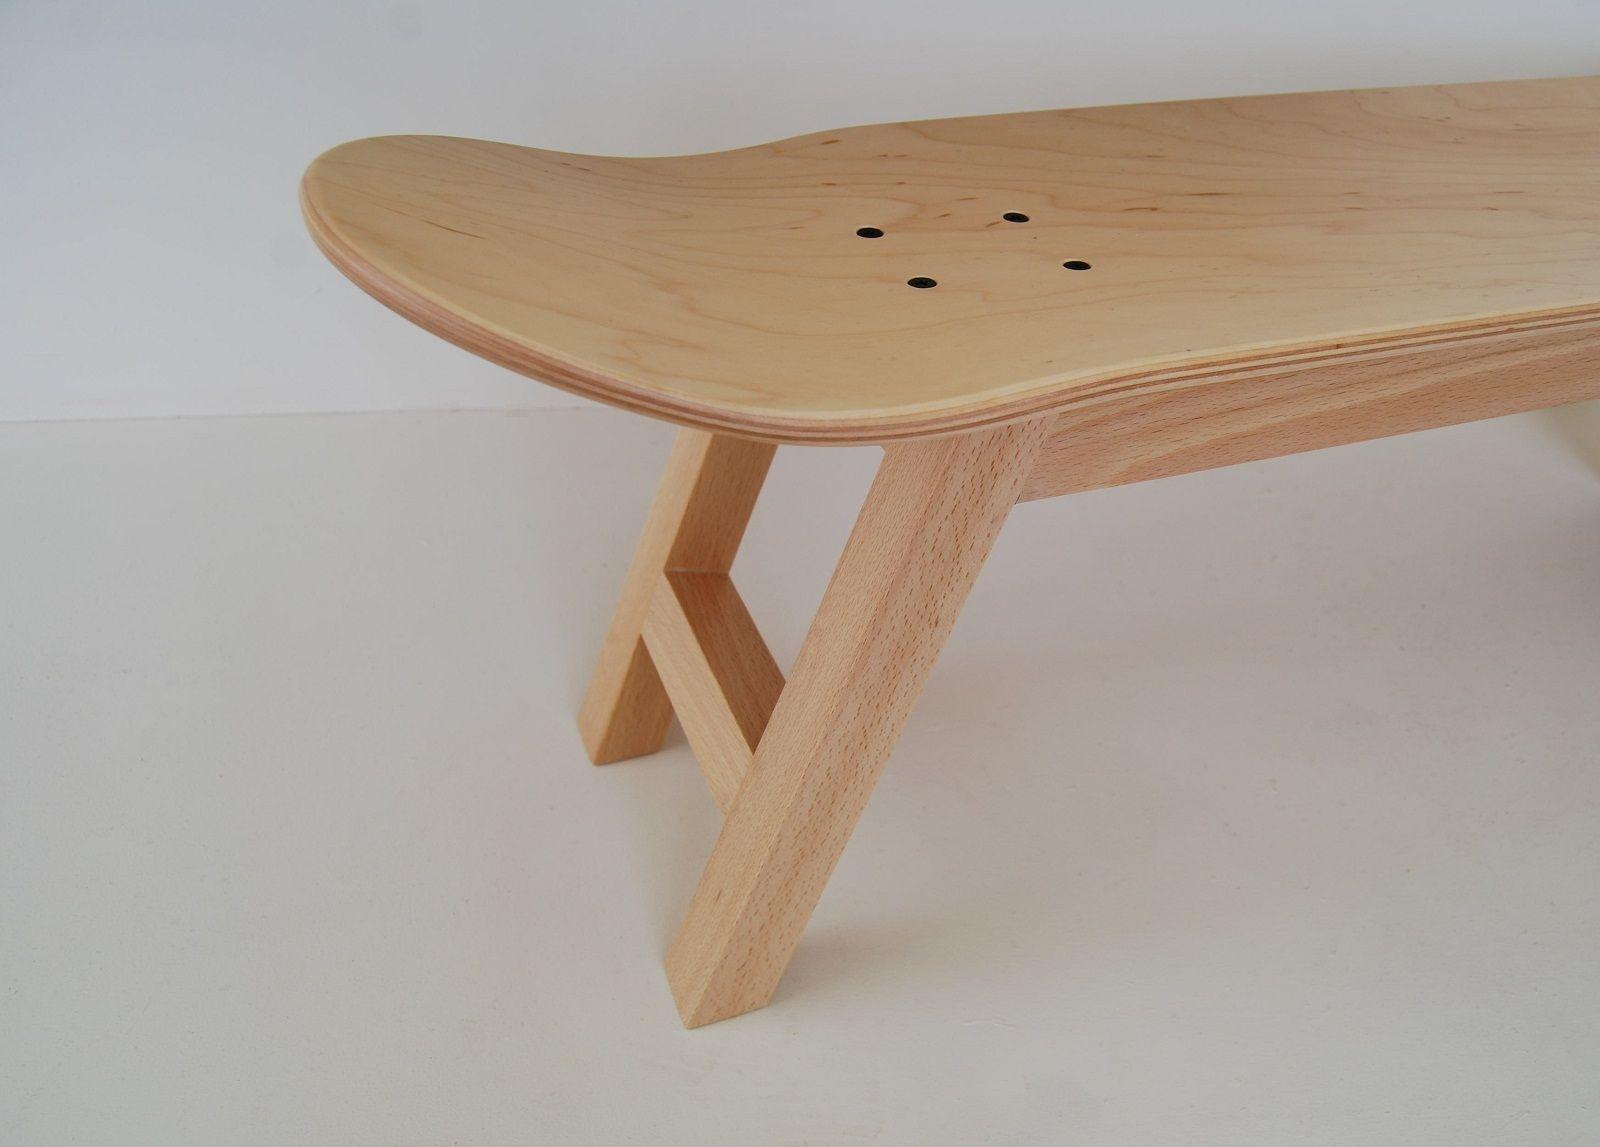 Skate Nollie Flip stool, natural wood color - Skate-Home   Skateboard Furniture & Design